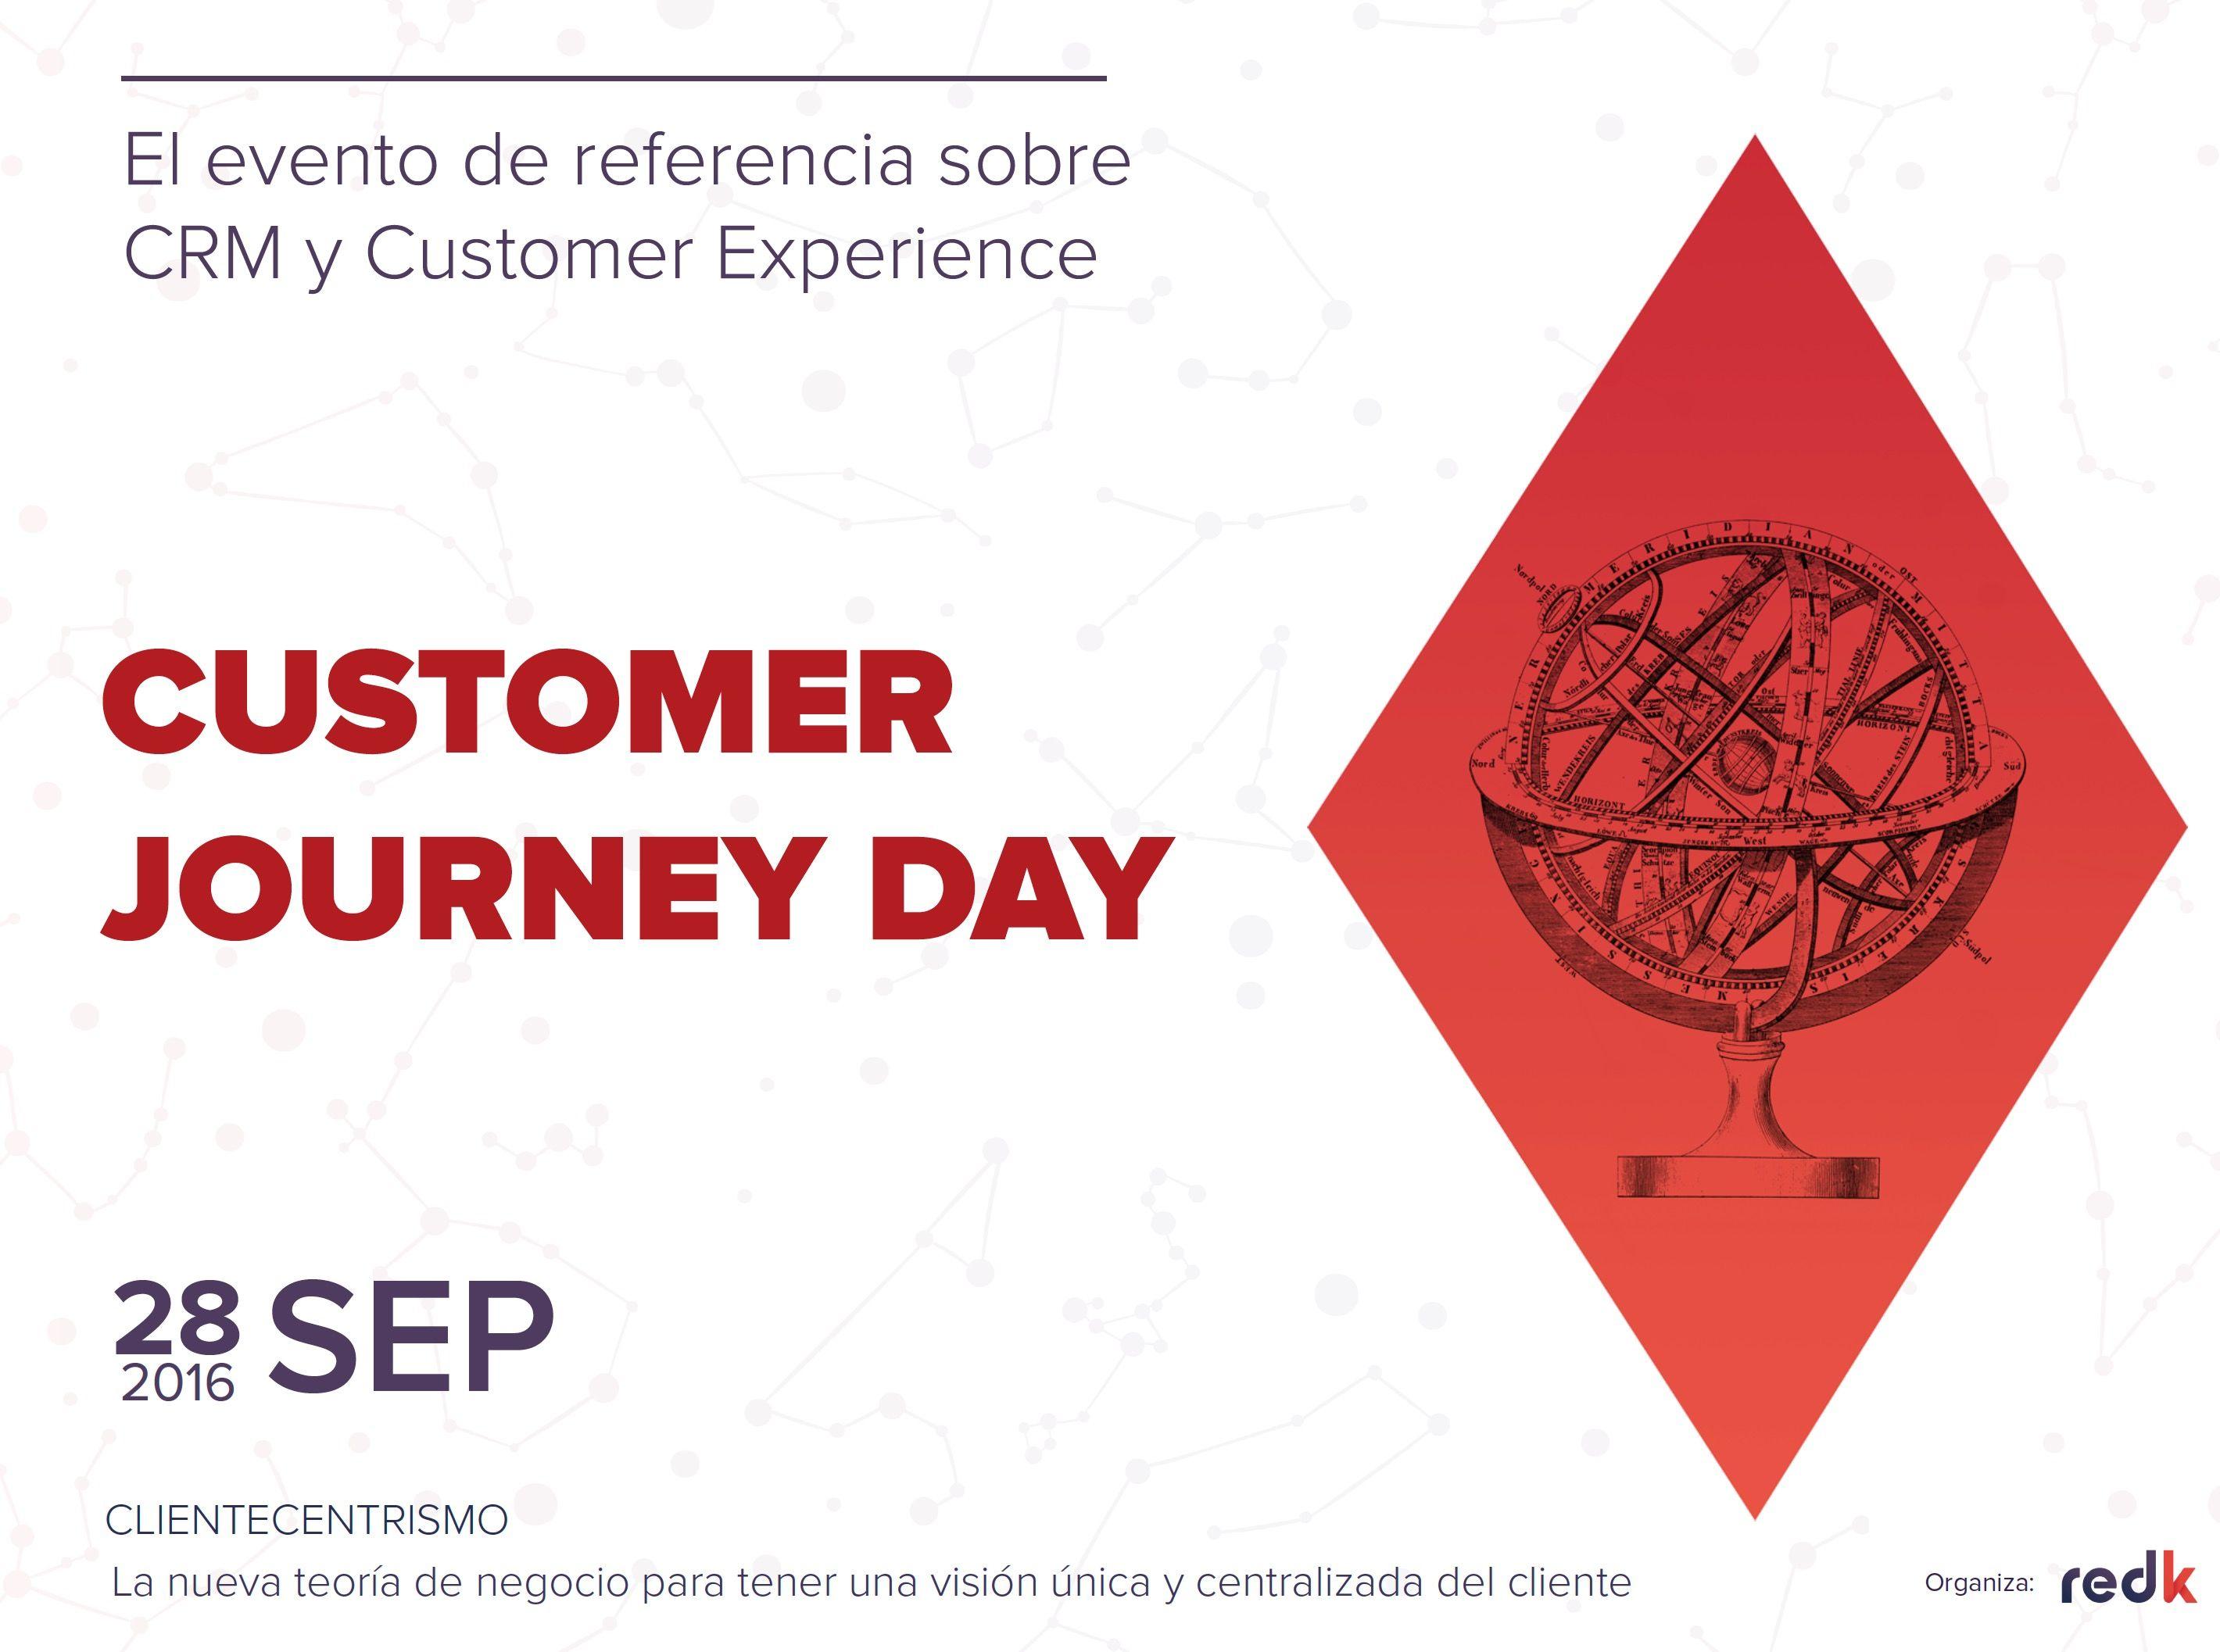 El 'clientecentrismo', eje del Customer Journey Day 2016, evento de referencia en CRM y Customer Experience